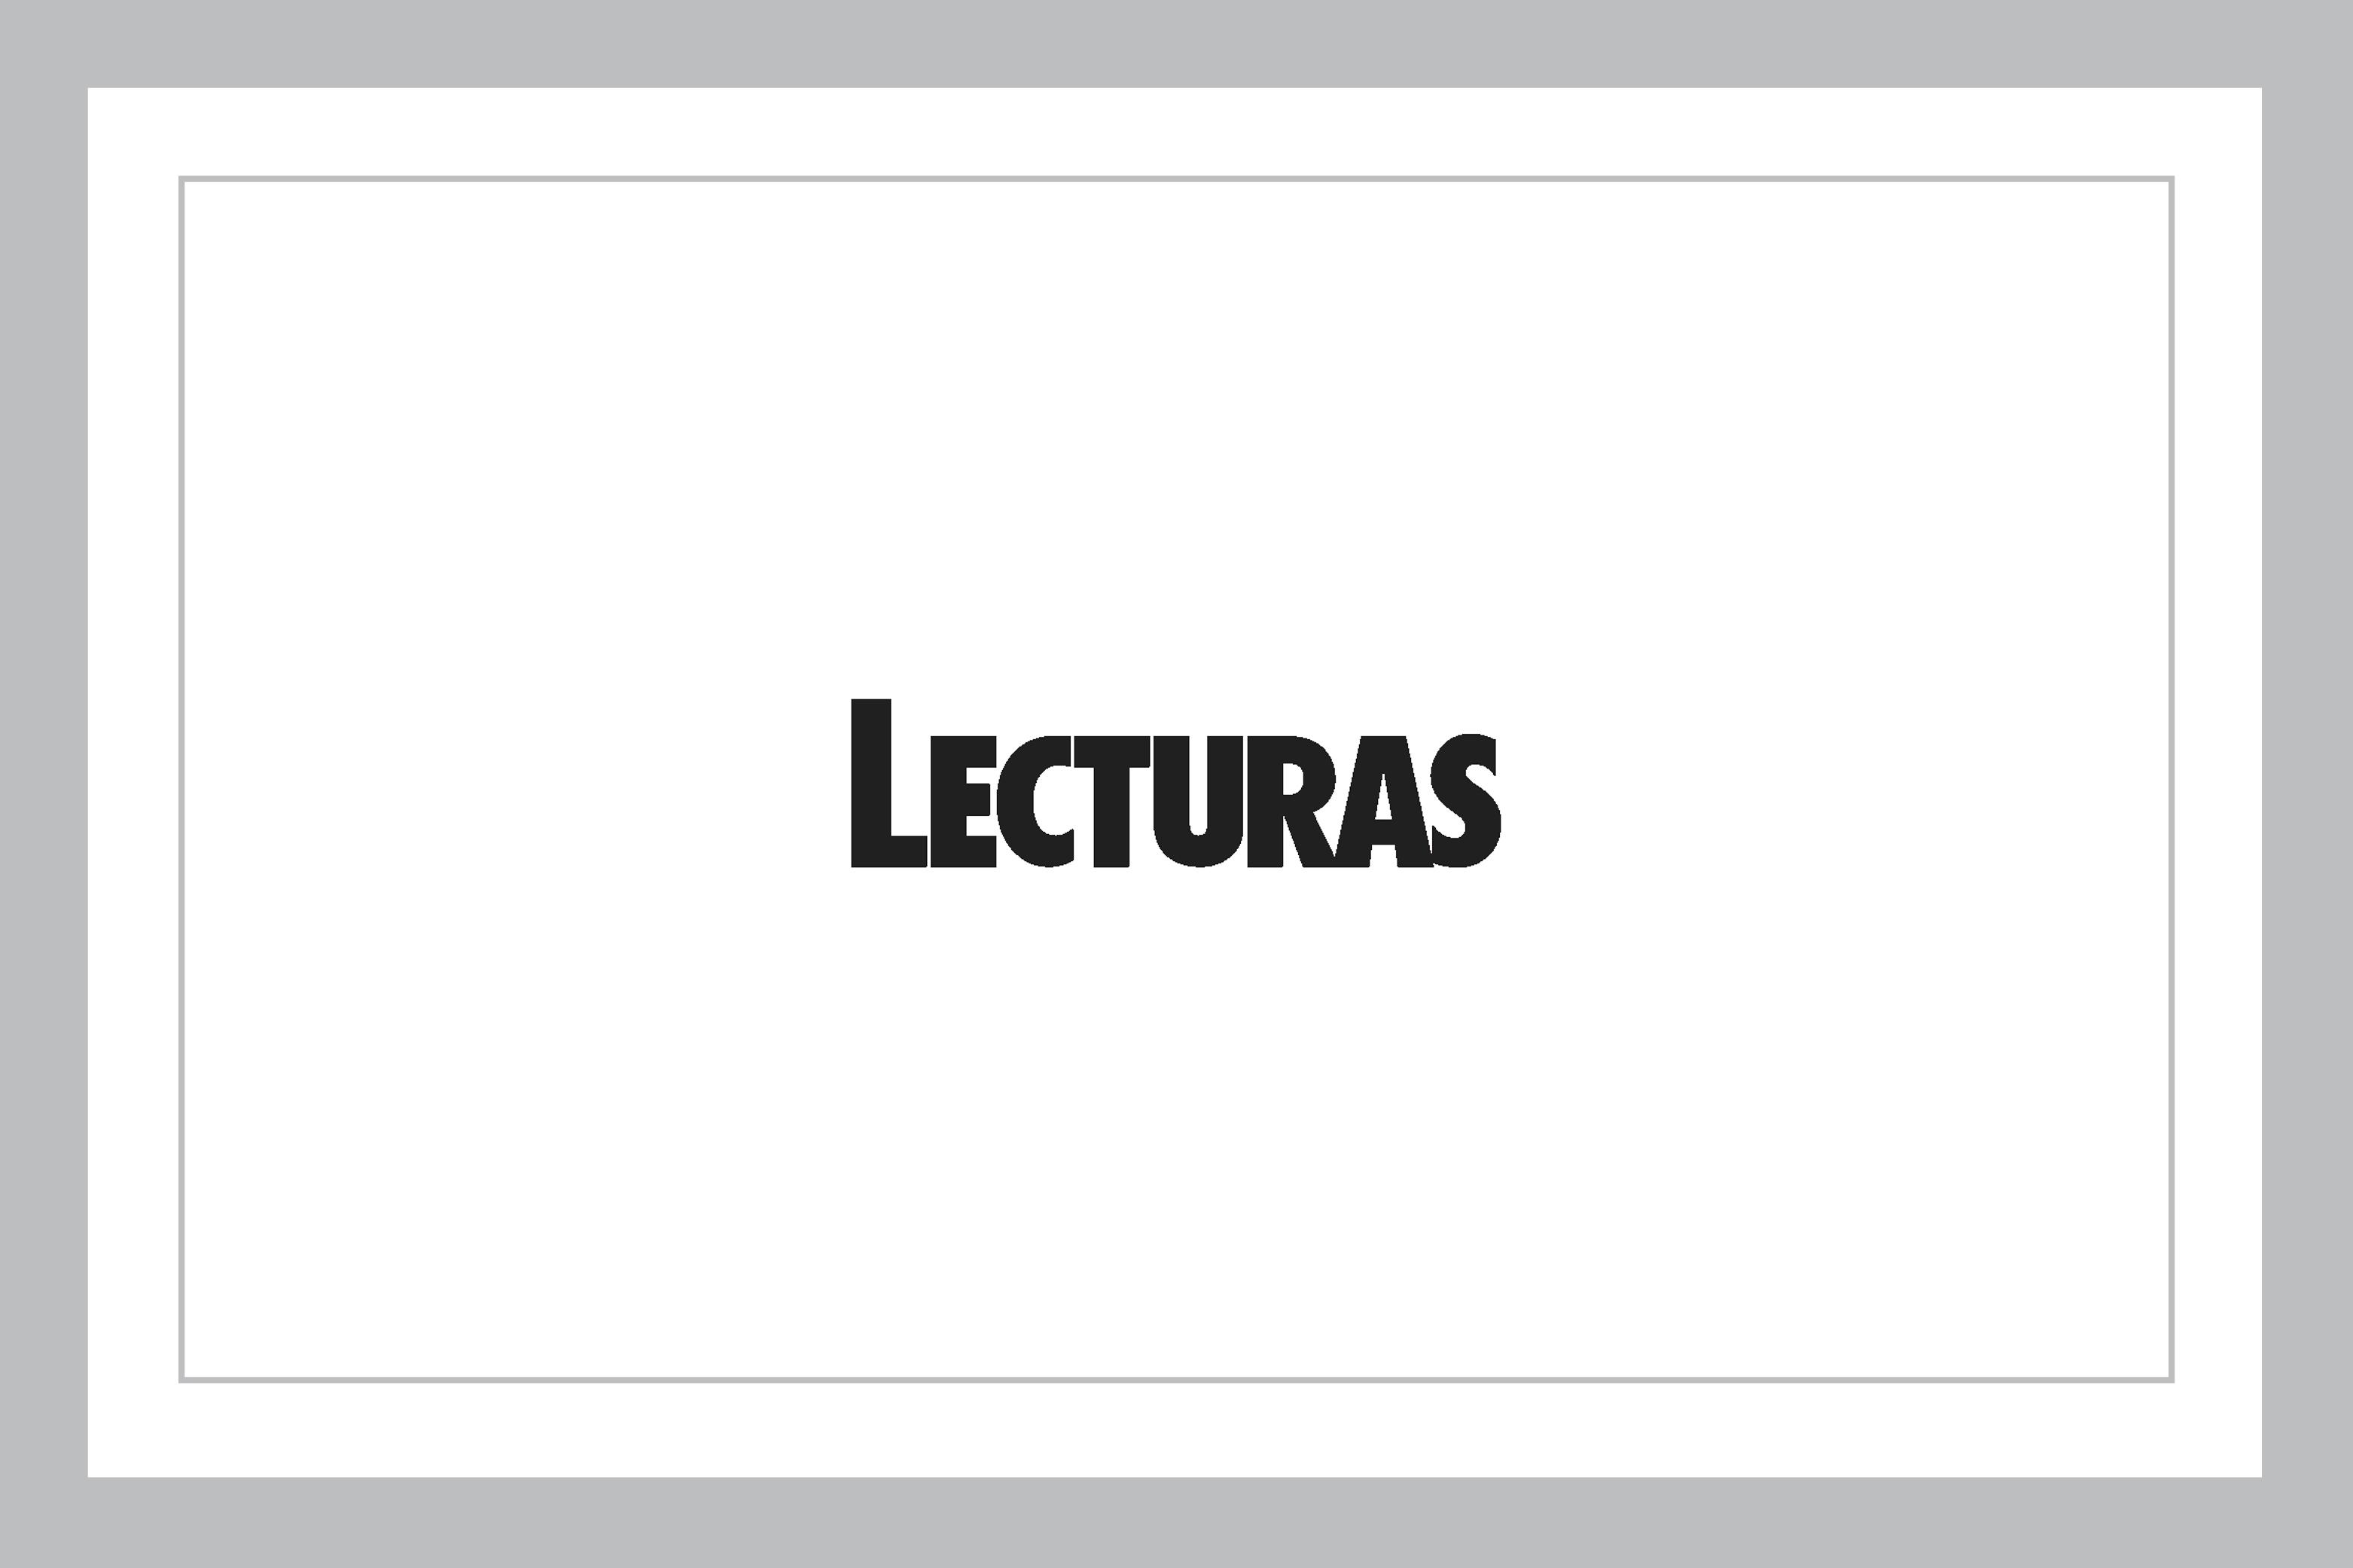 Destacada prensa Lecturas Félix Ramiro